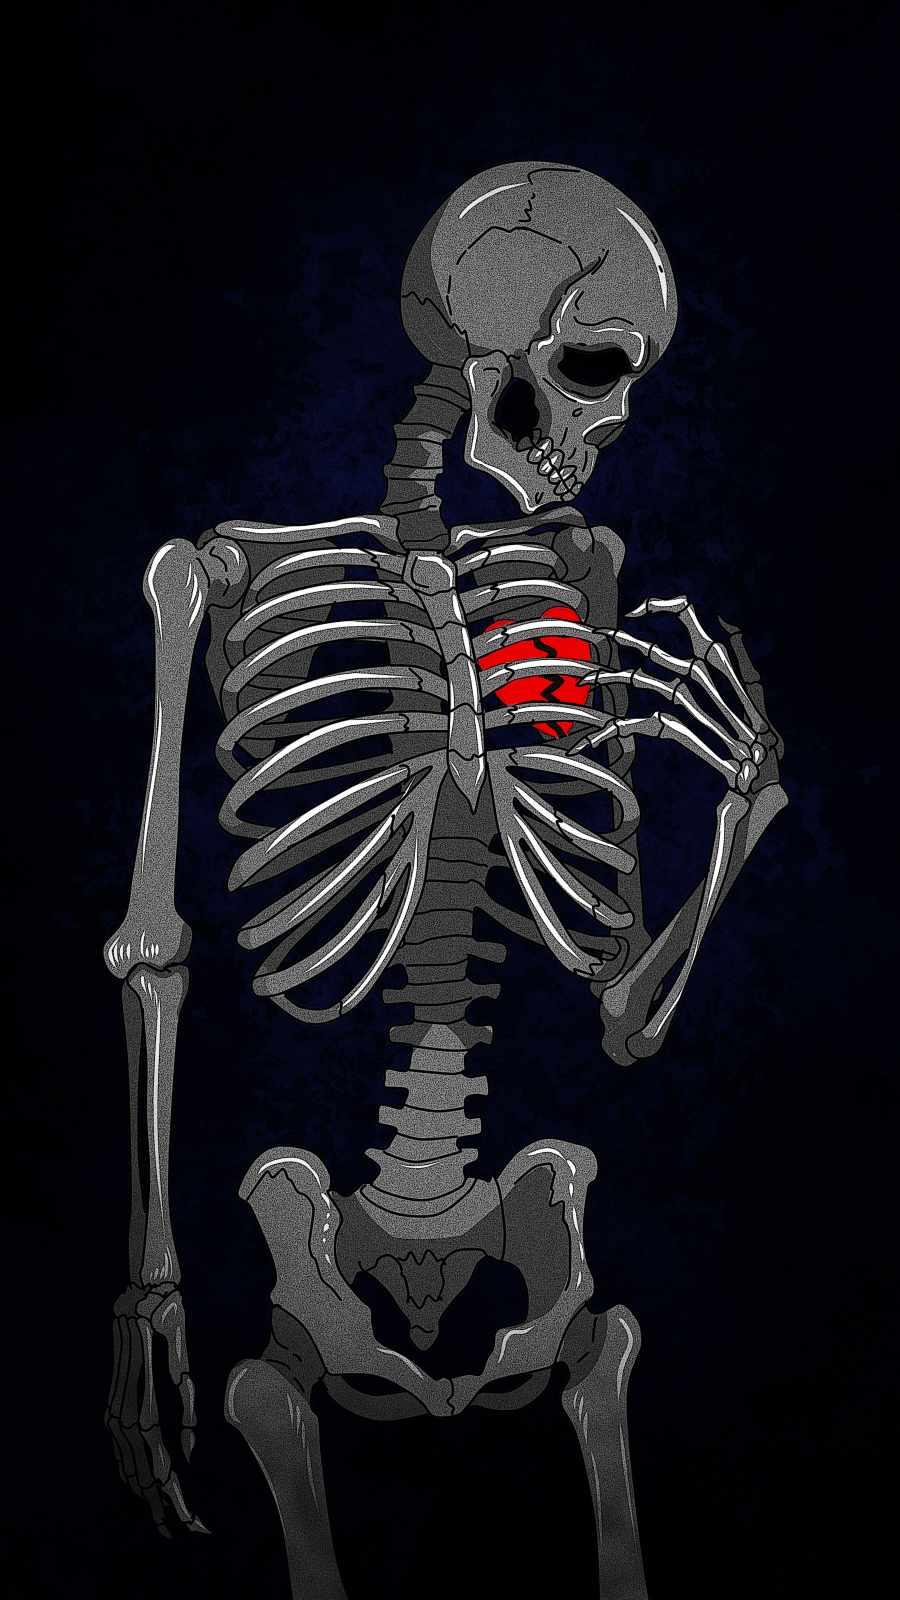 Broken Heart Skeleton iPhone Wallpaper